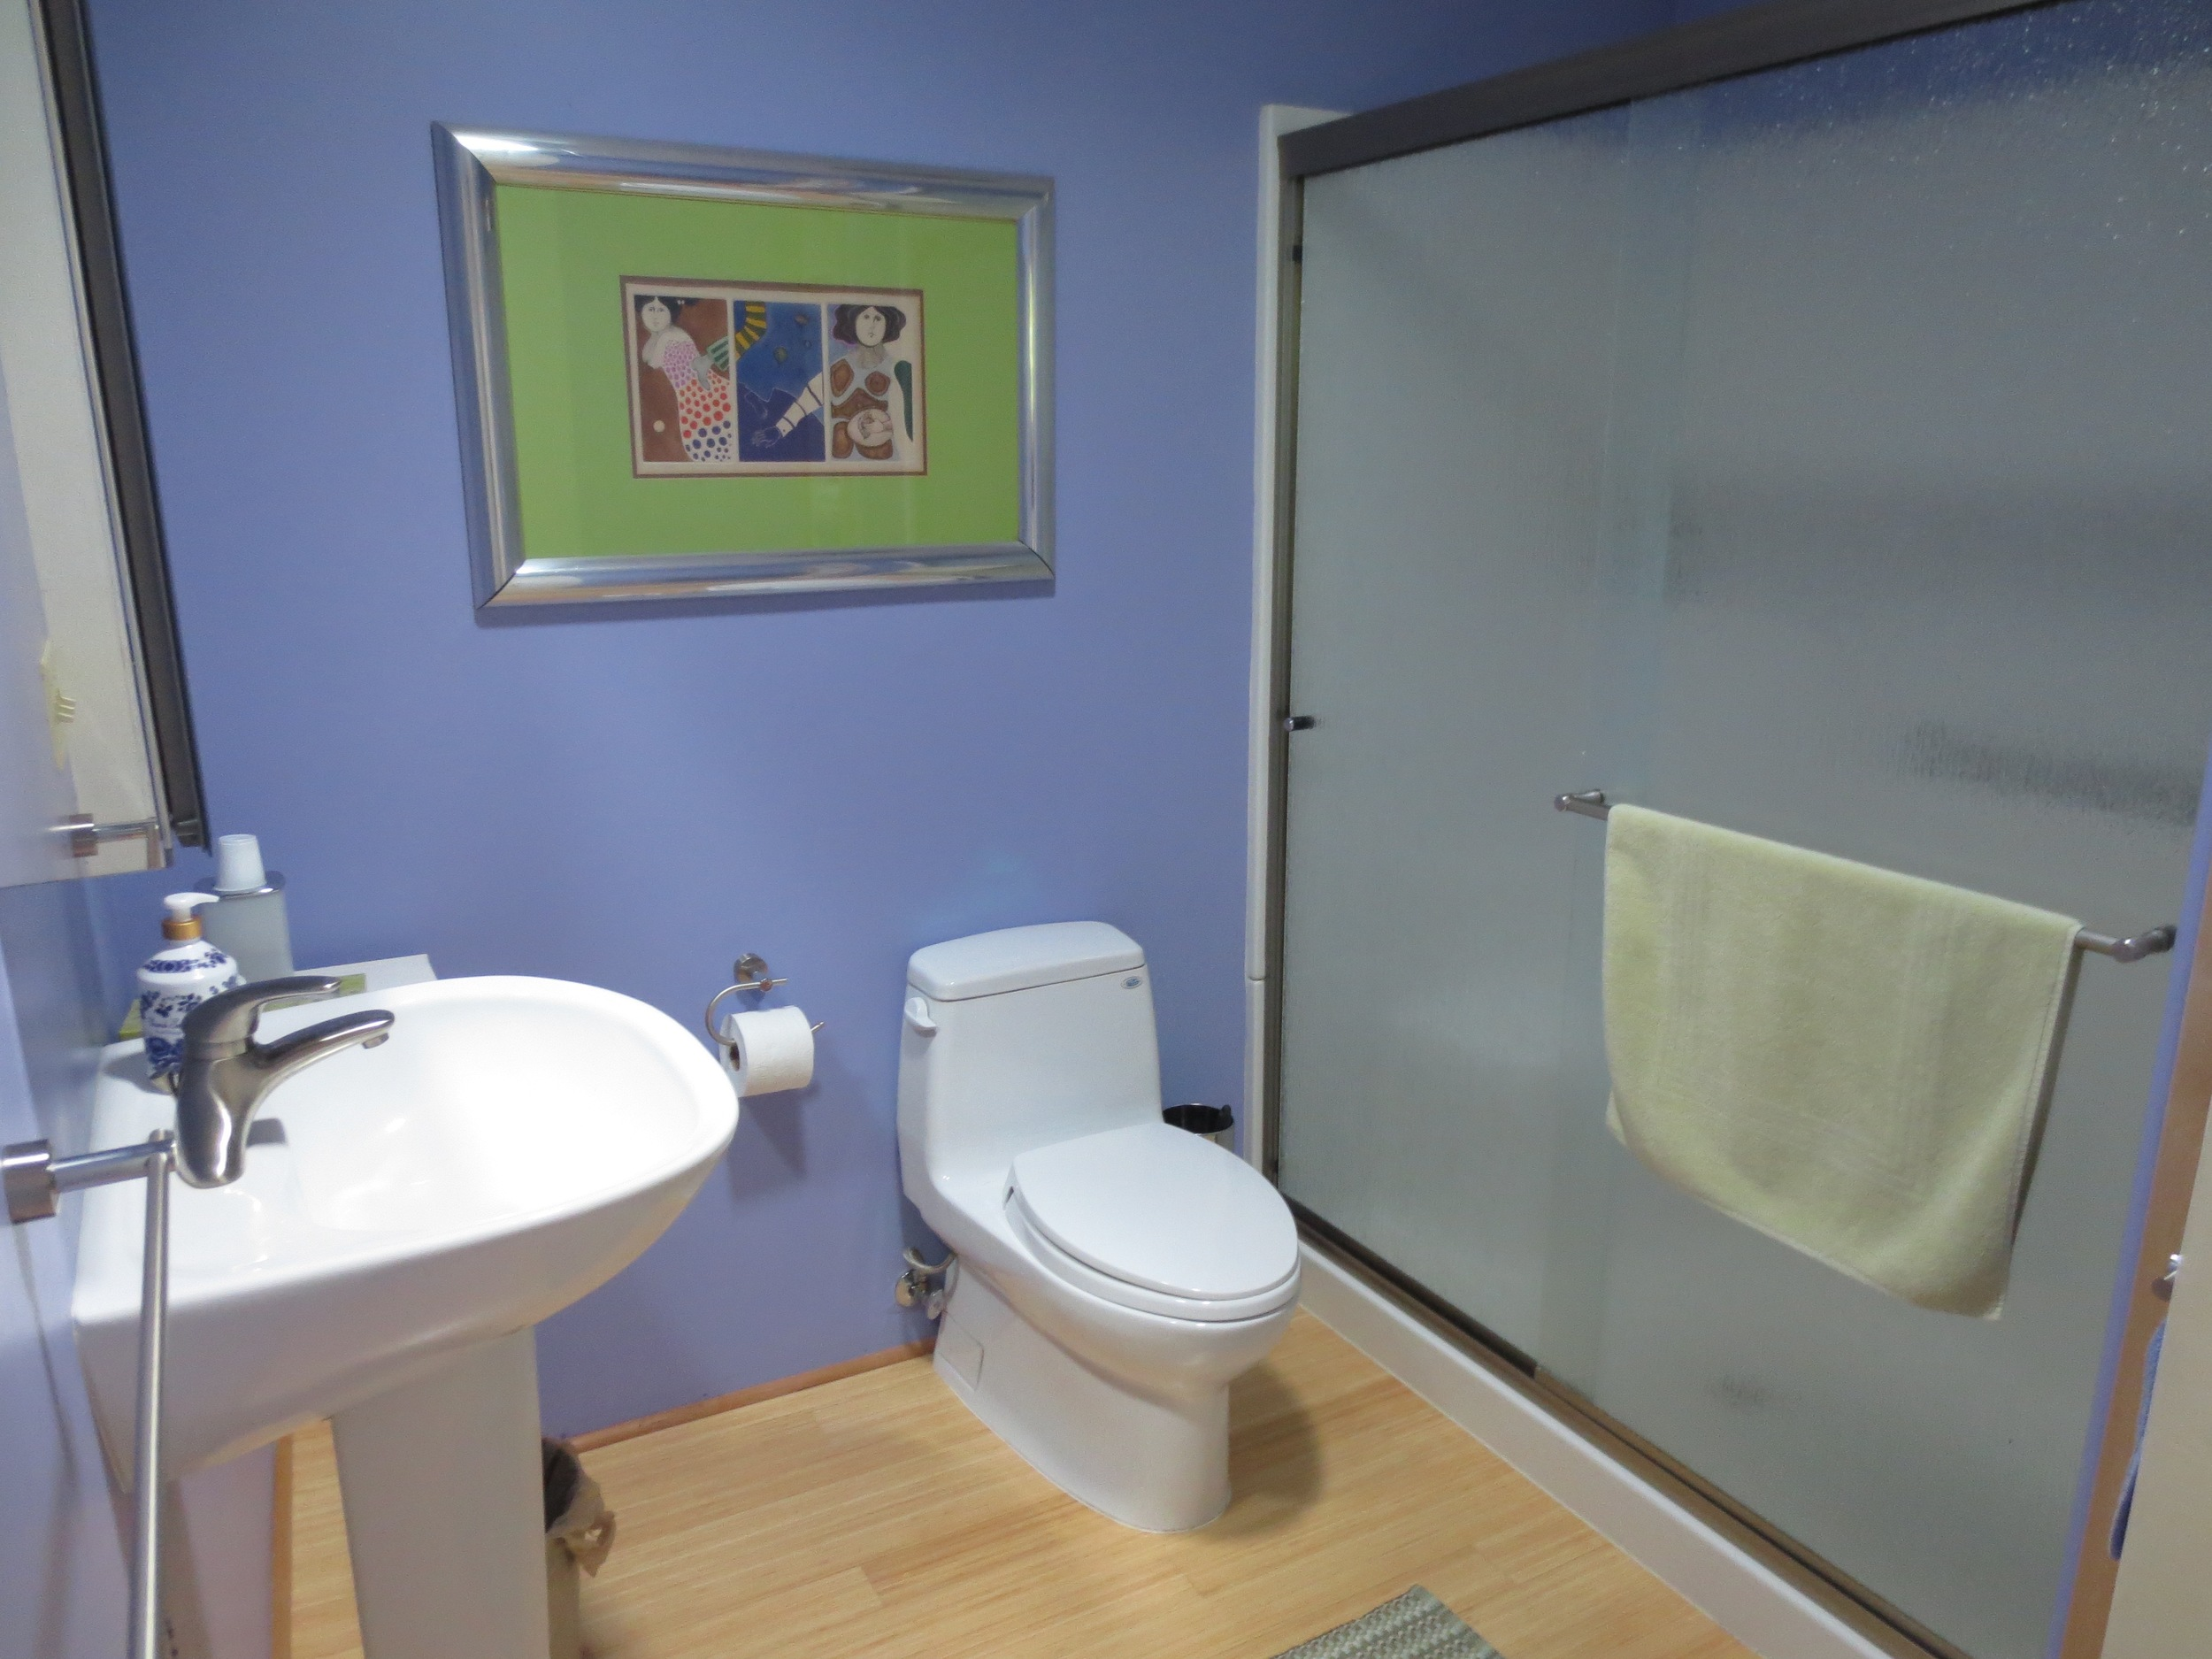 Upstairs en suite bathroom.